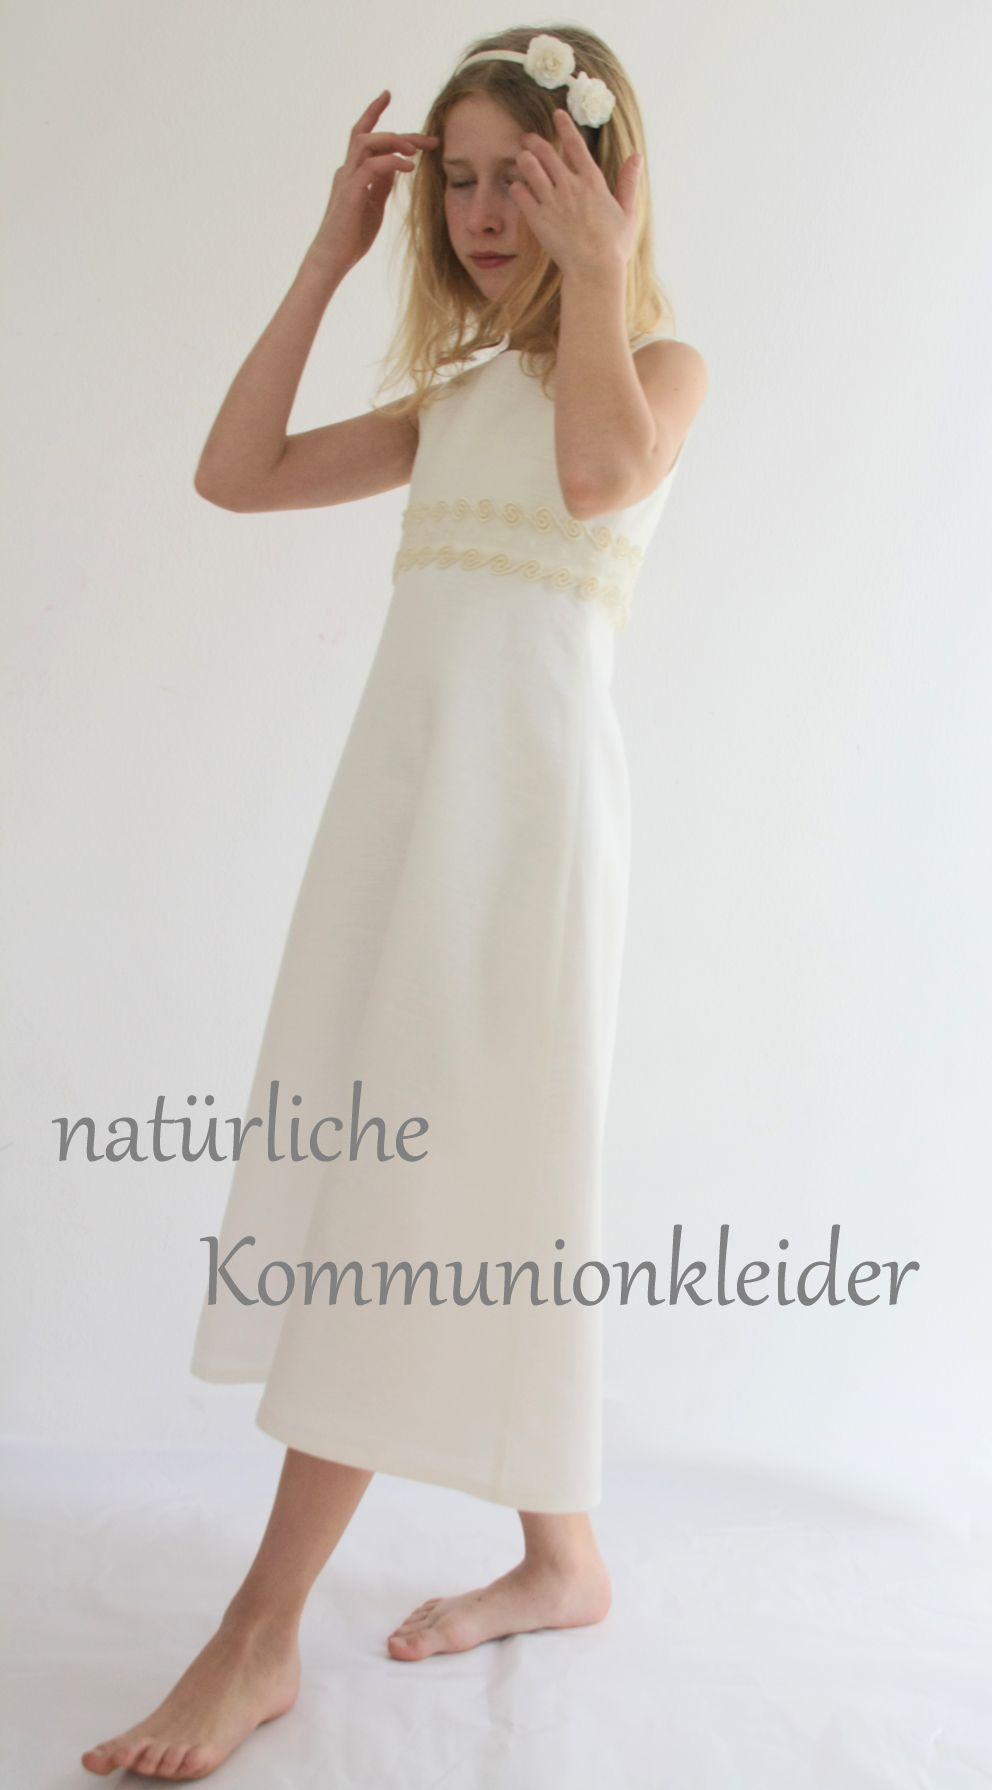 natürliche Kommunionkleider von ma-eins. Deutschlandweit versendet